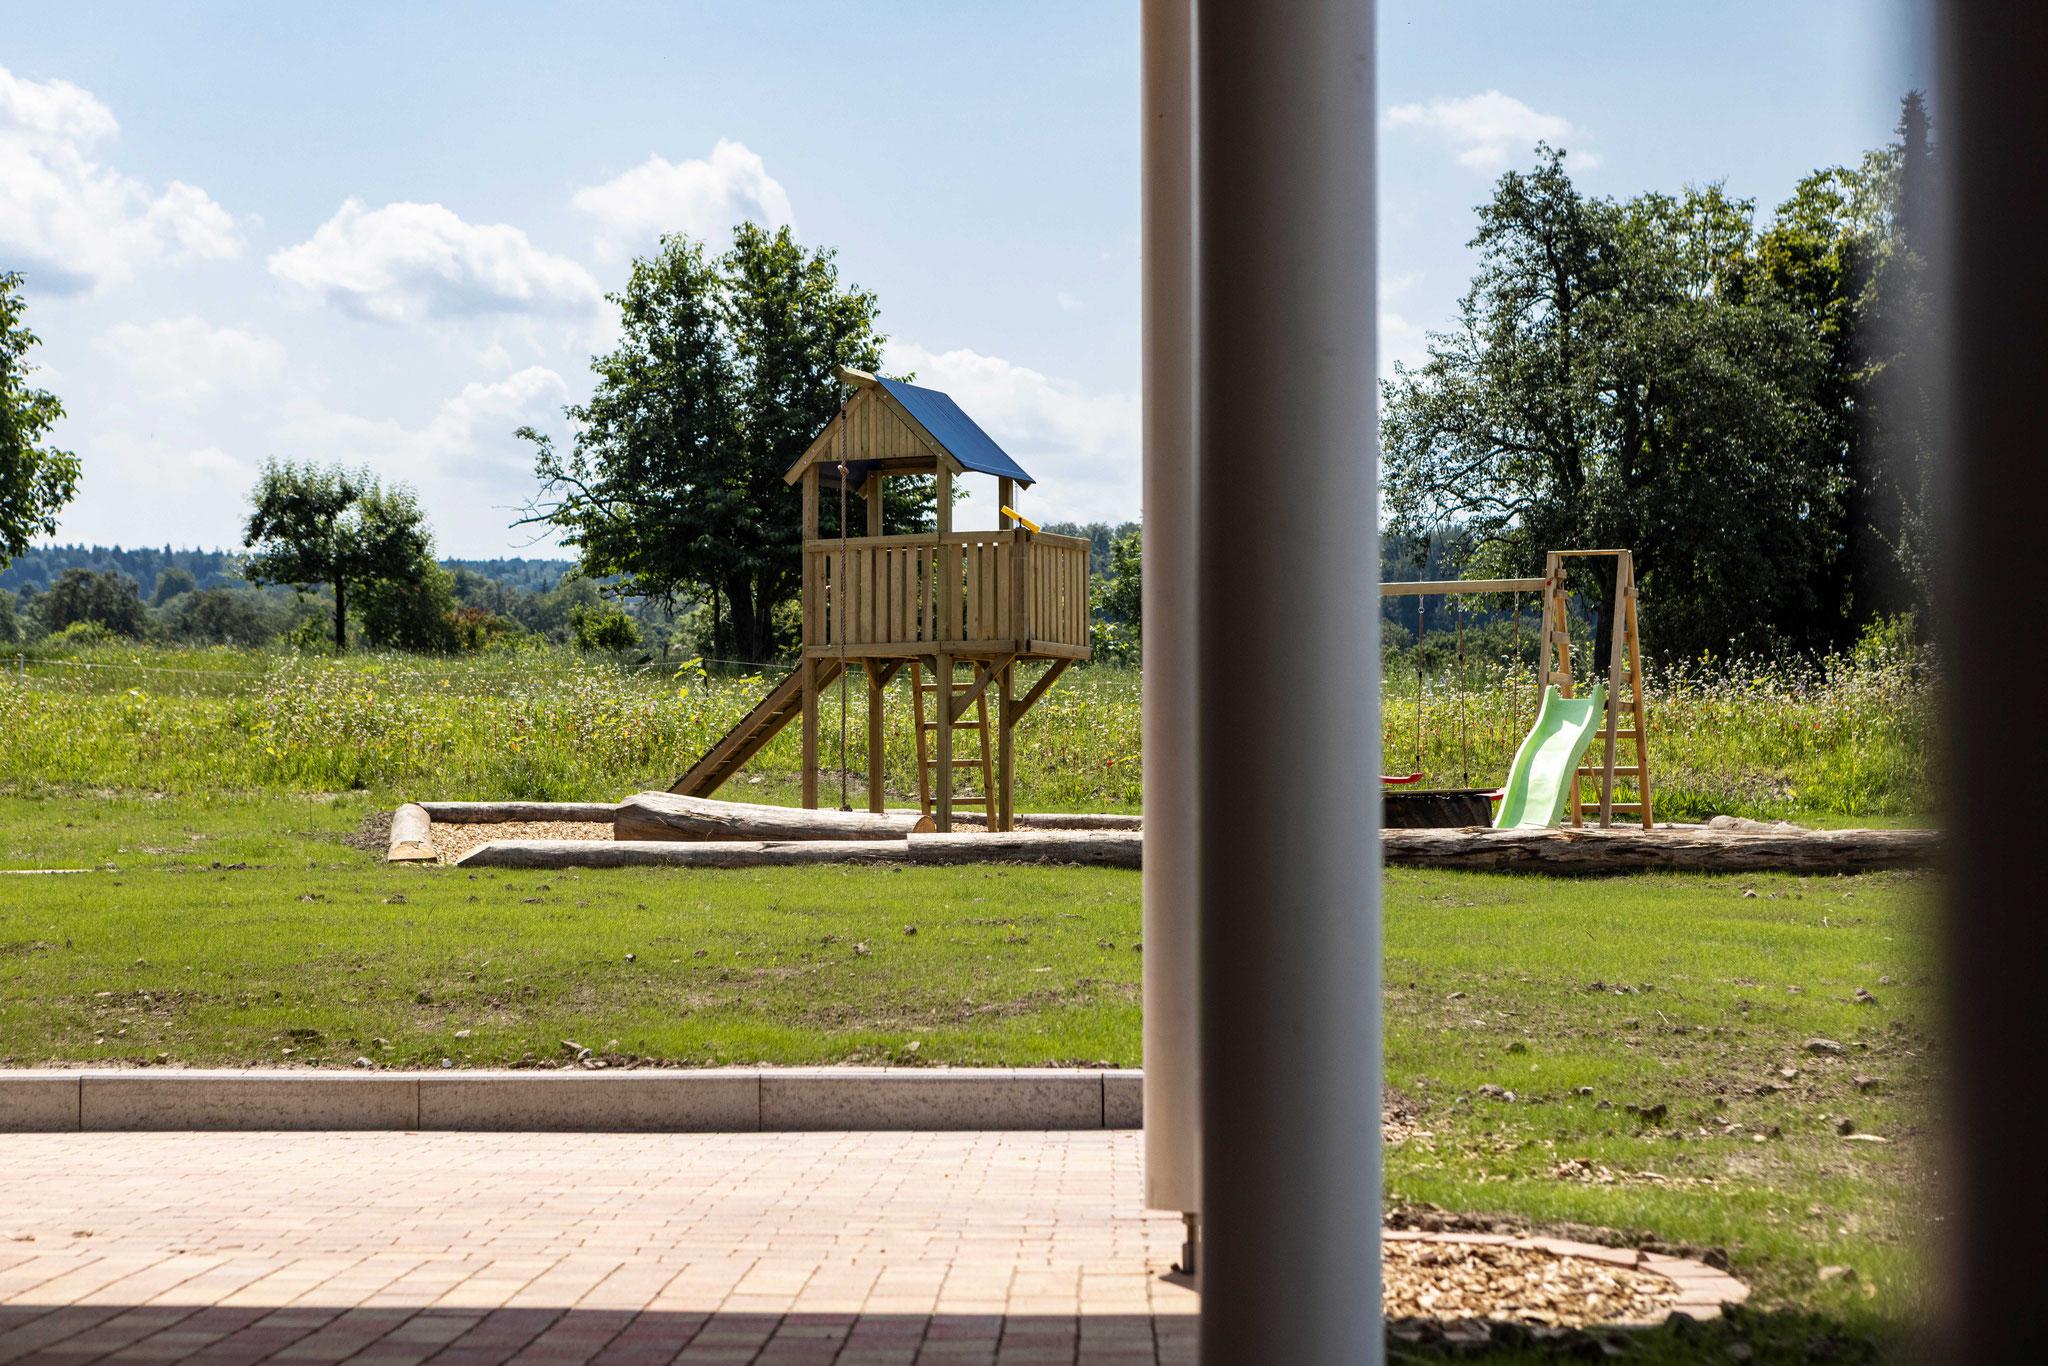 Blick von der Wohnung auf den Kinderspielplatz